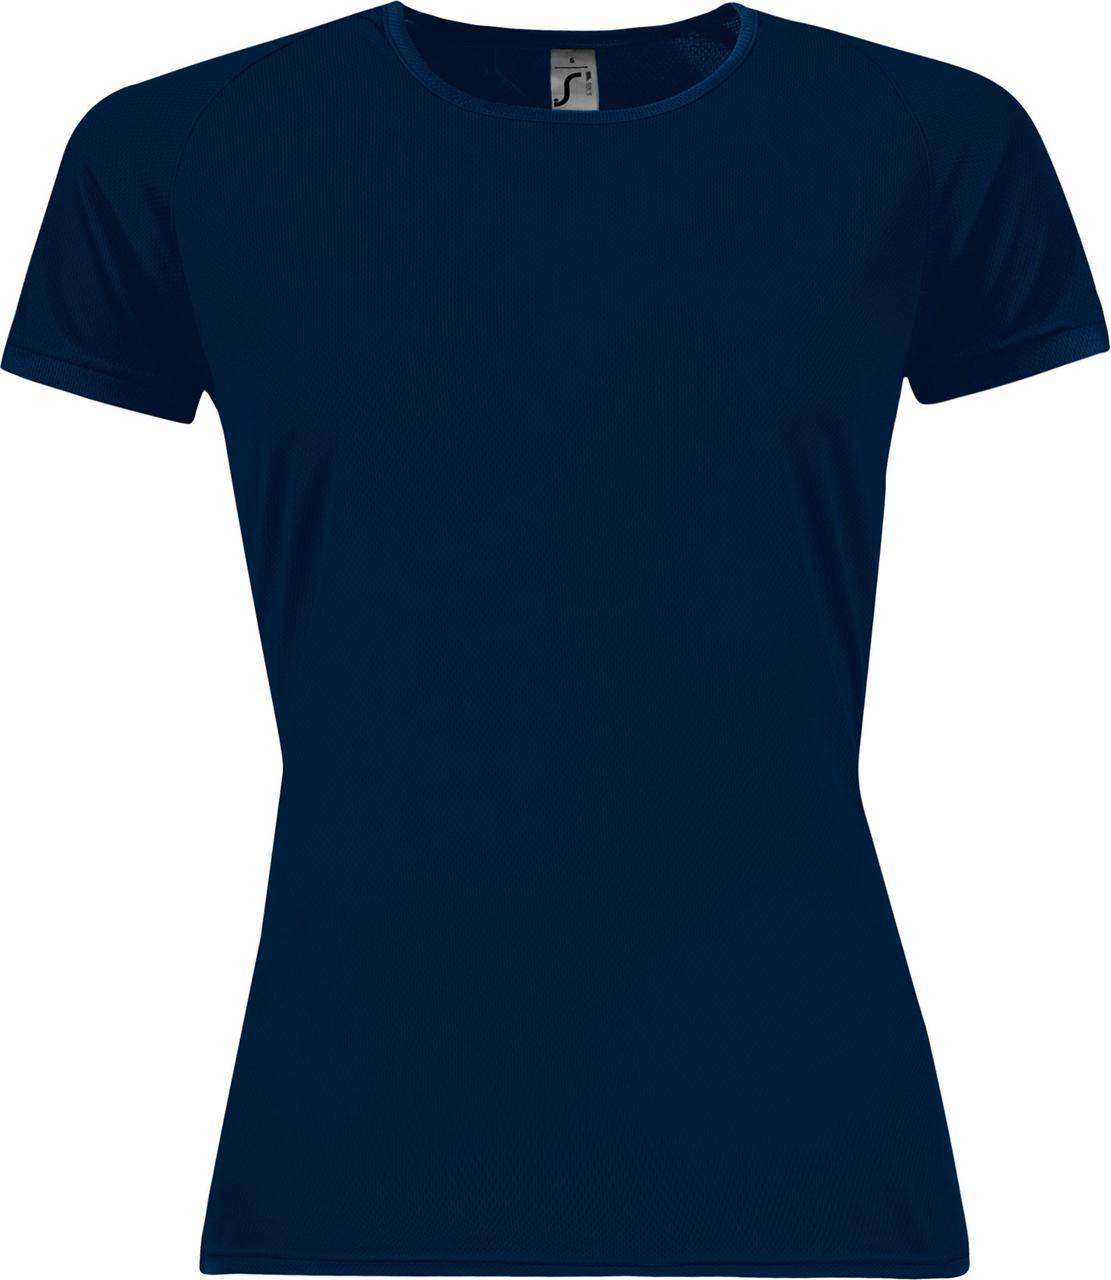 Футболка женская Sporty Women 140, темно-синяя (артикул 01159319)